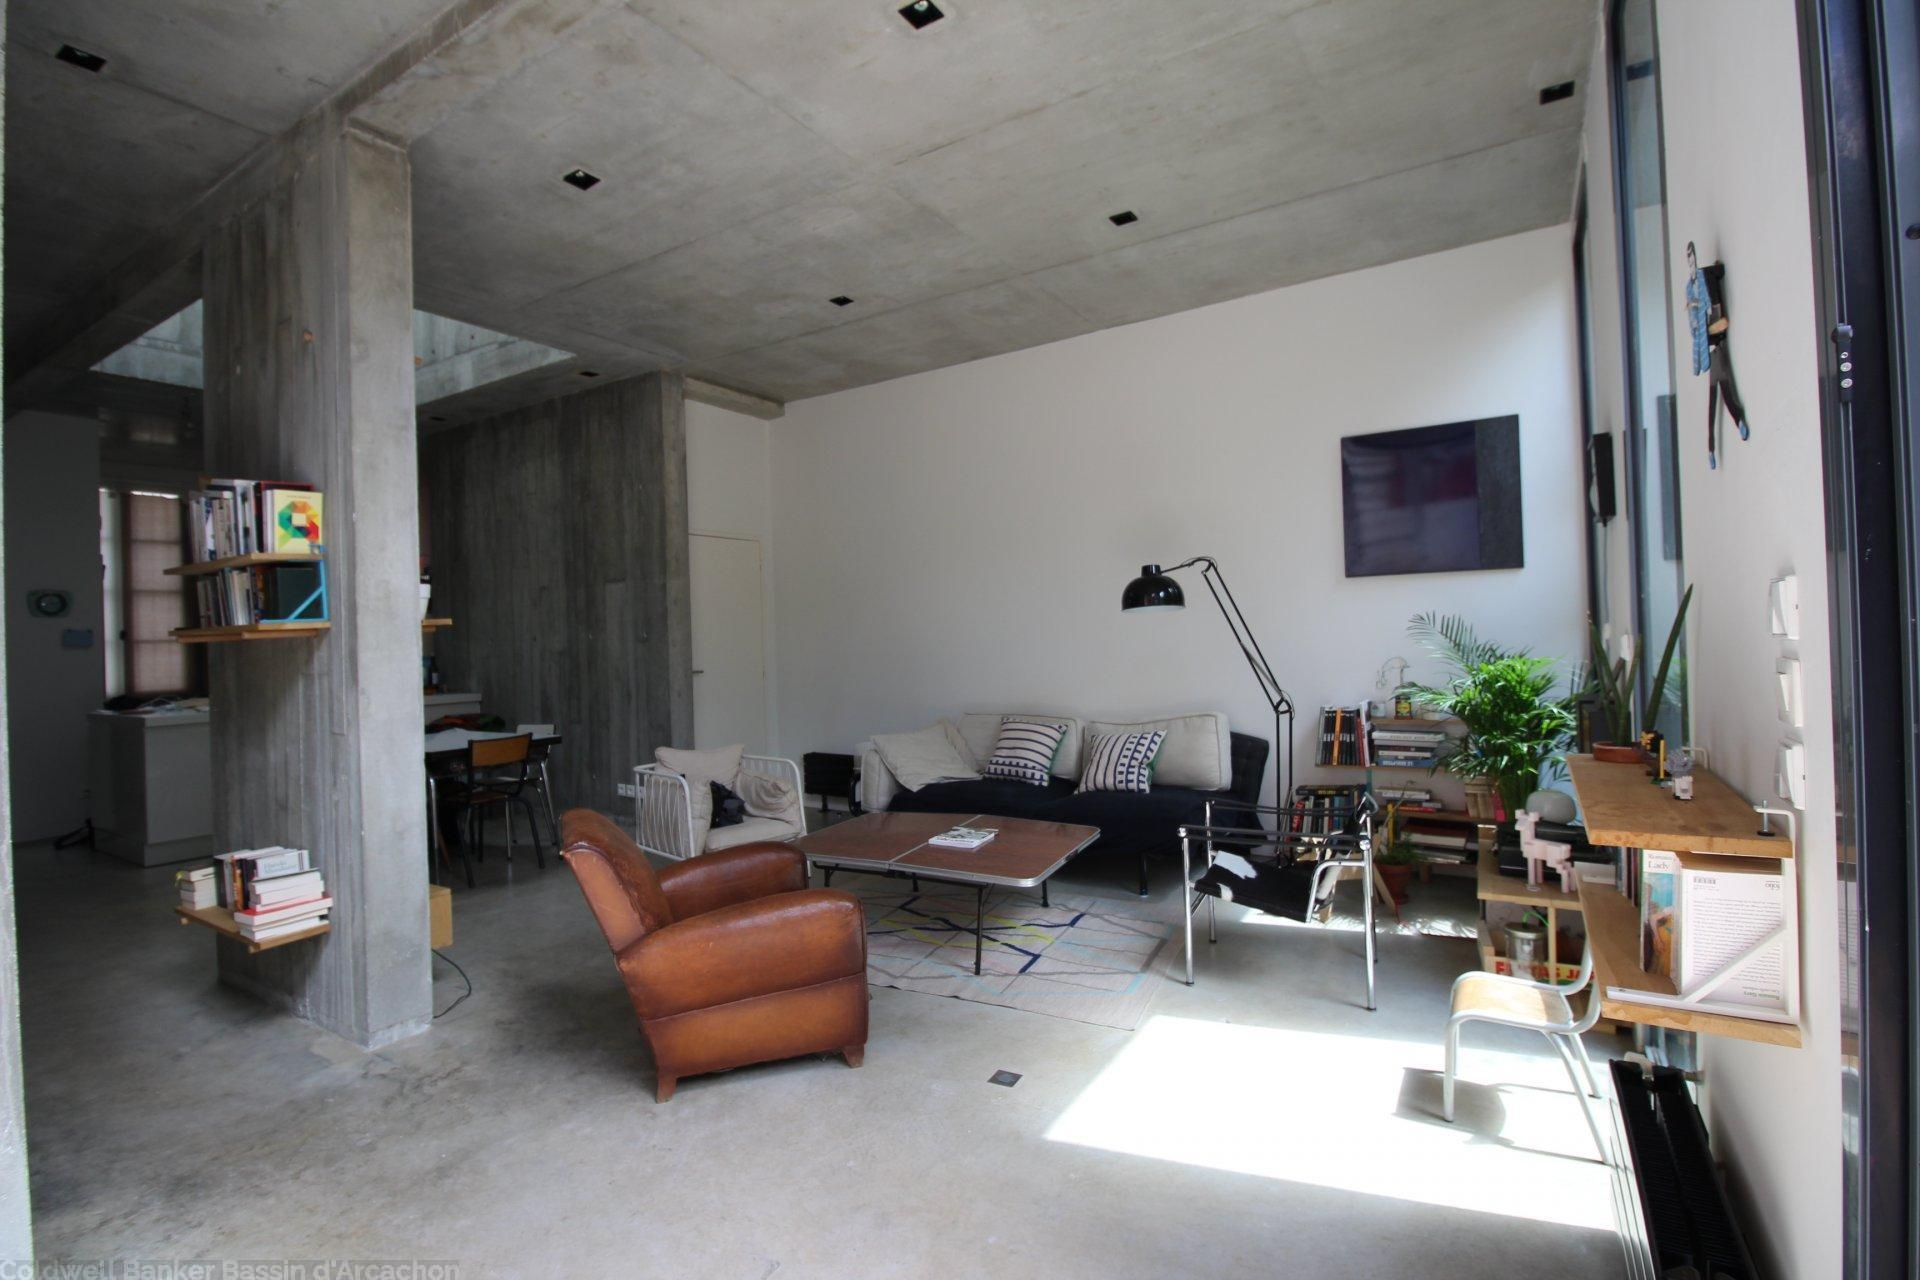 Vente maison villa bordeaux centre ville loft r nov for Vente appartement bordeaux centre ville